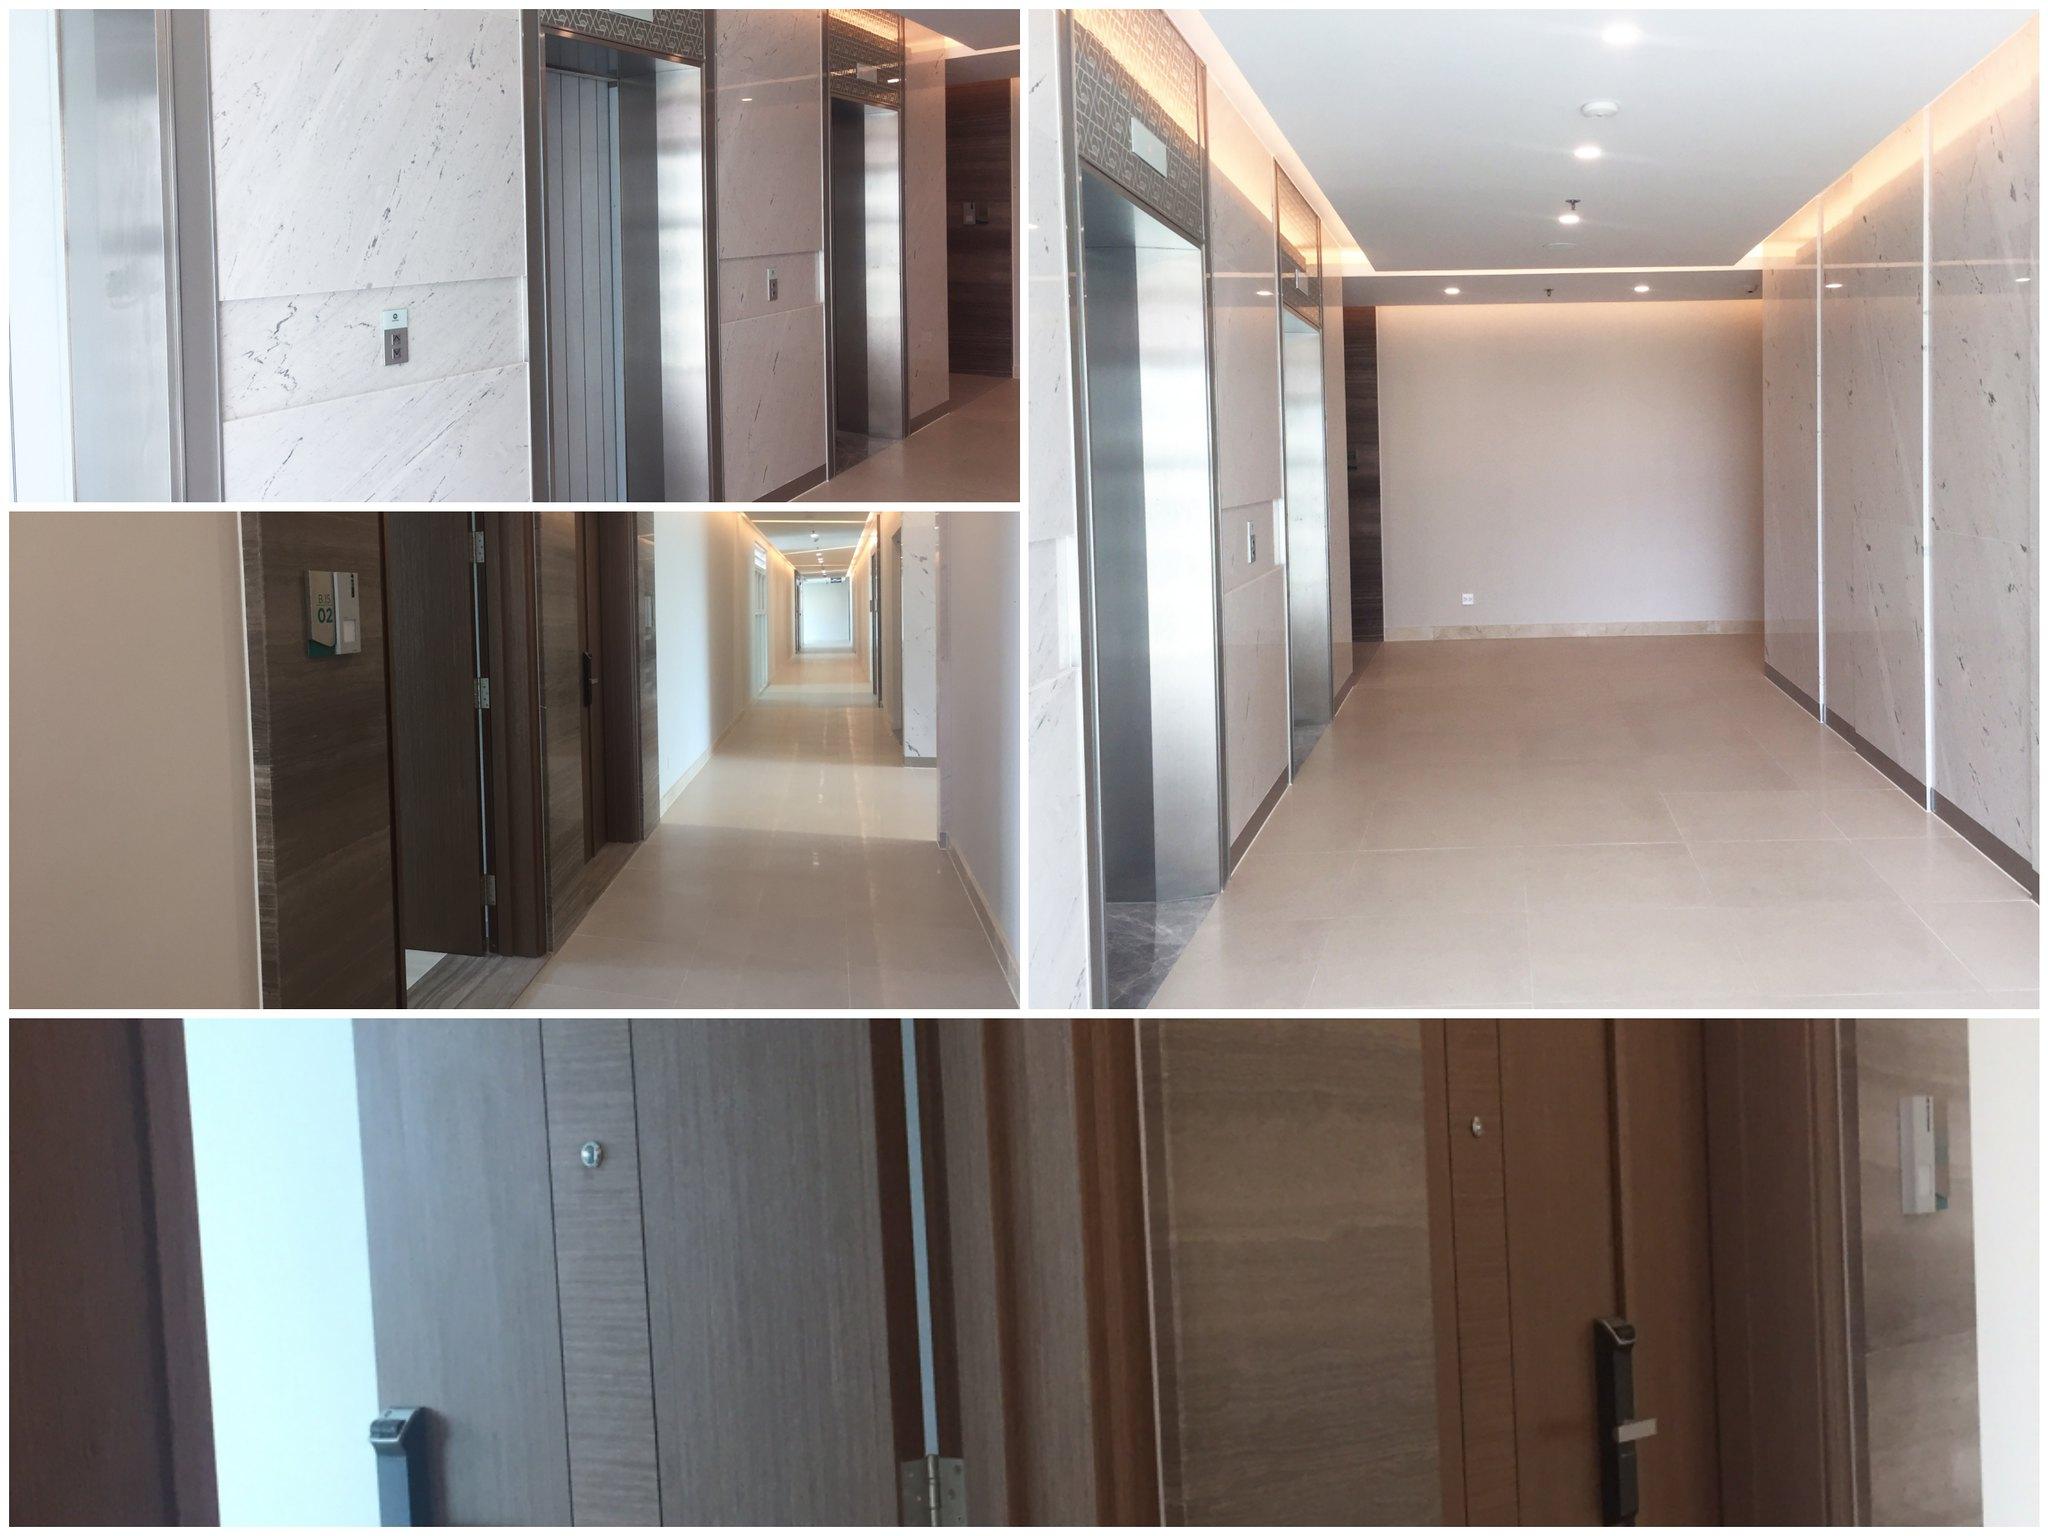 Khu vực hành lang, sảnh lobby thang máy và cửa chính ra vào căn hộ Sadora - hình chụp thực tế tại tầng 18